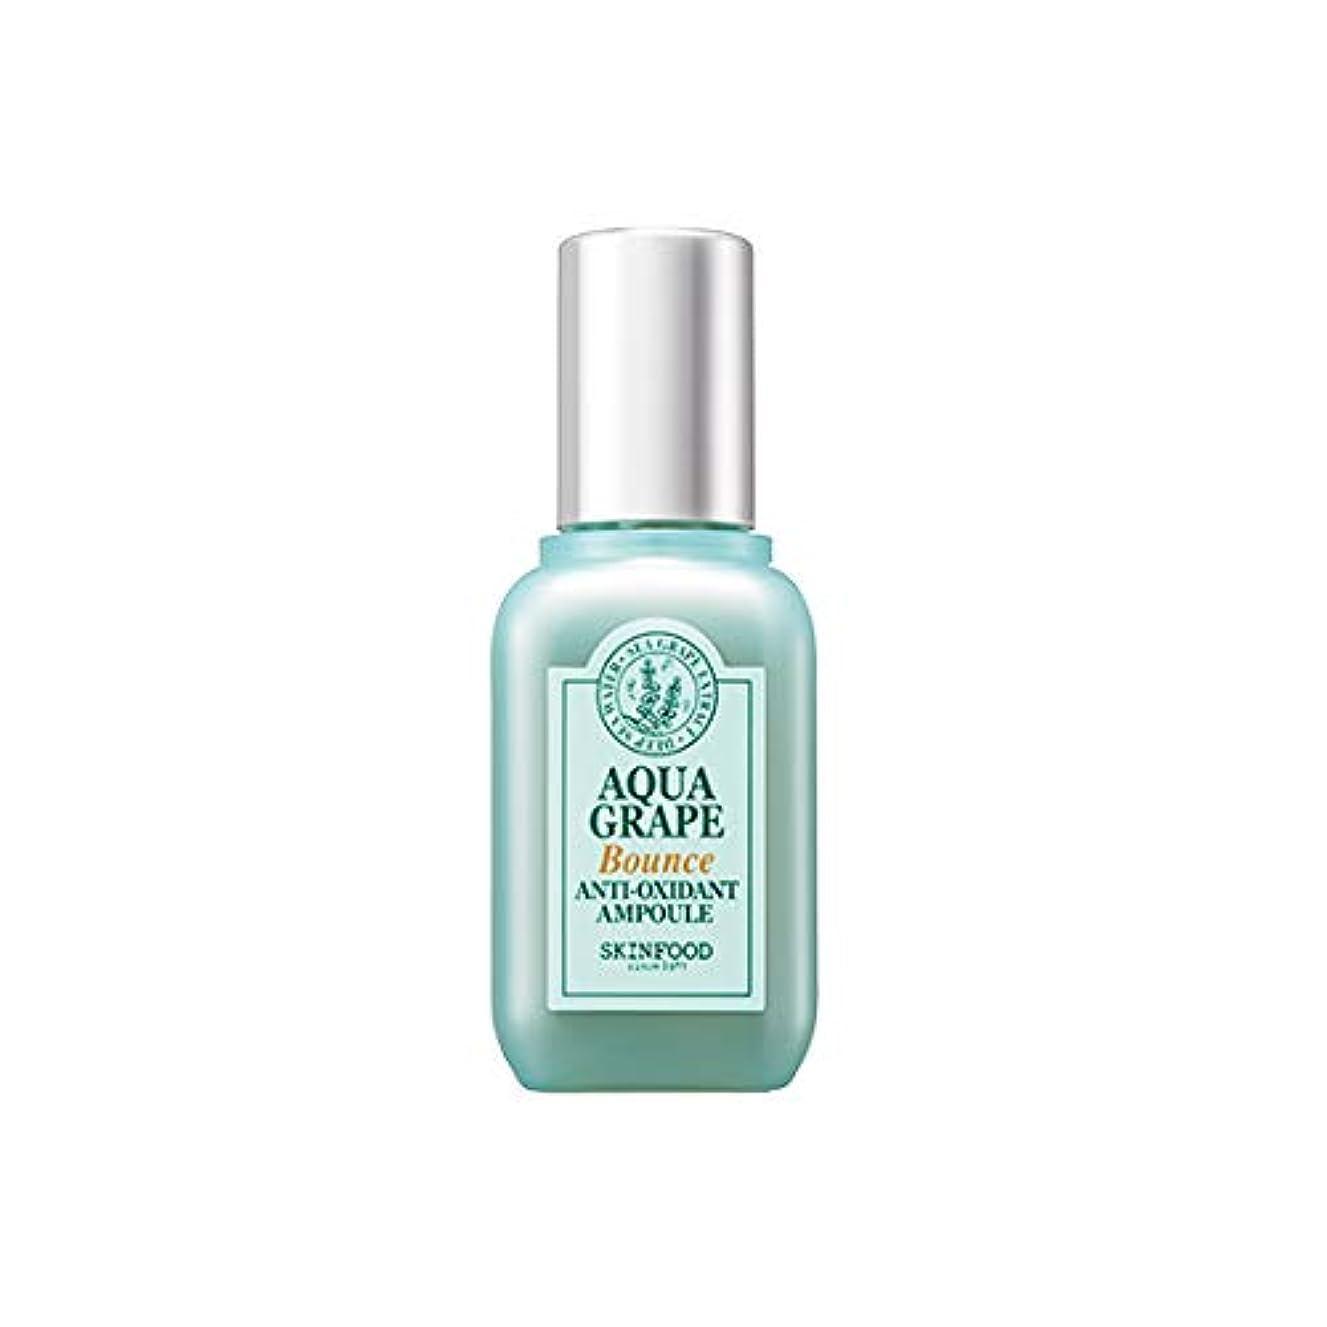 製造ペニー根拠Skinfood Aqua Grape Bounce Anti Oxidant Ampoule/アクアグレープバウンスアンチオキシダントアンプル/55g [並行輸入品]